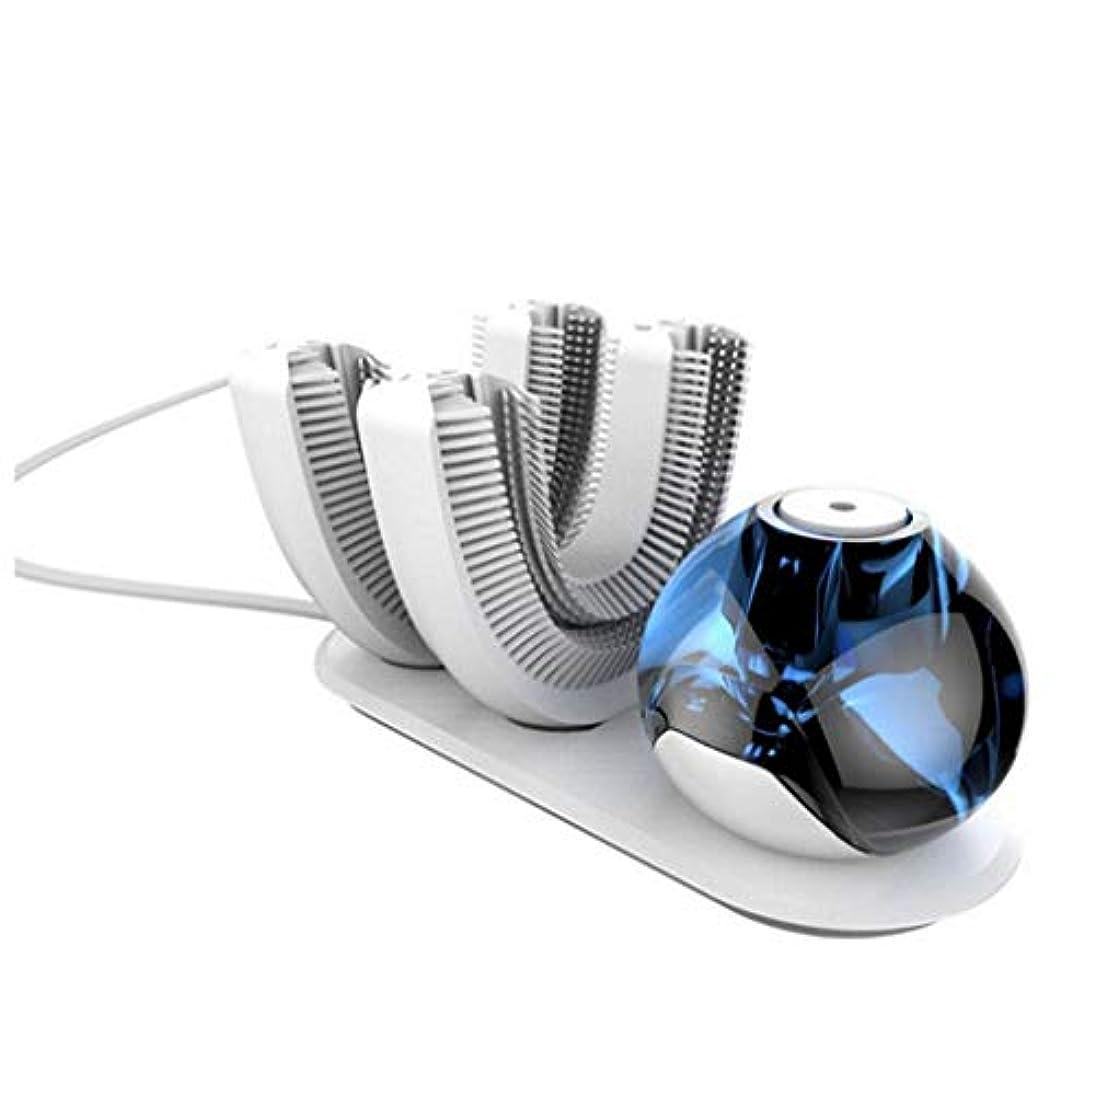 よく話される会う自動HETAO クリエイティブ自動歯ブラシ、怠惰な、自動歯ブラシ電動歯ブラシワイヤレス充電式360°、歯ブラシヘッドのうちの2つは、白歯ブラシの歯に設計されています 白